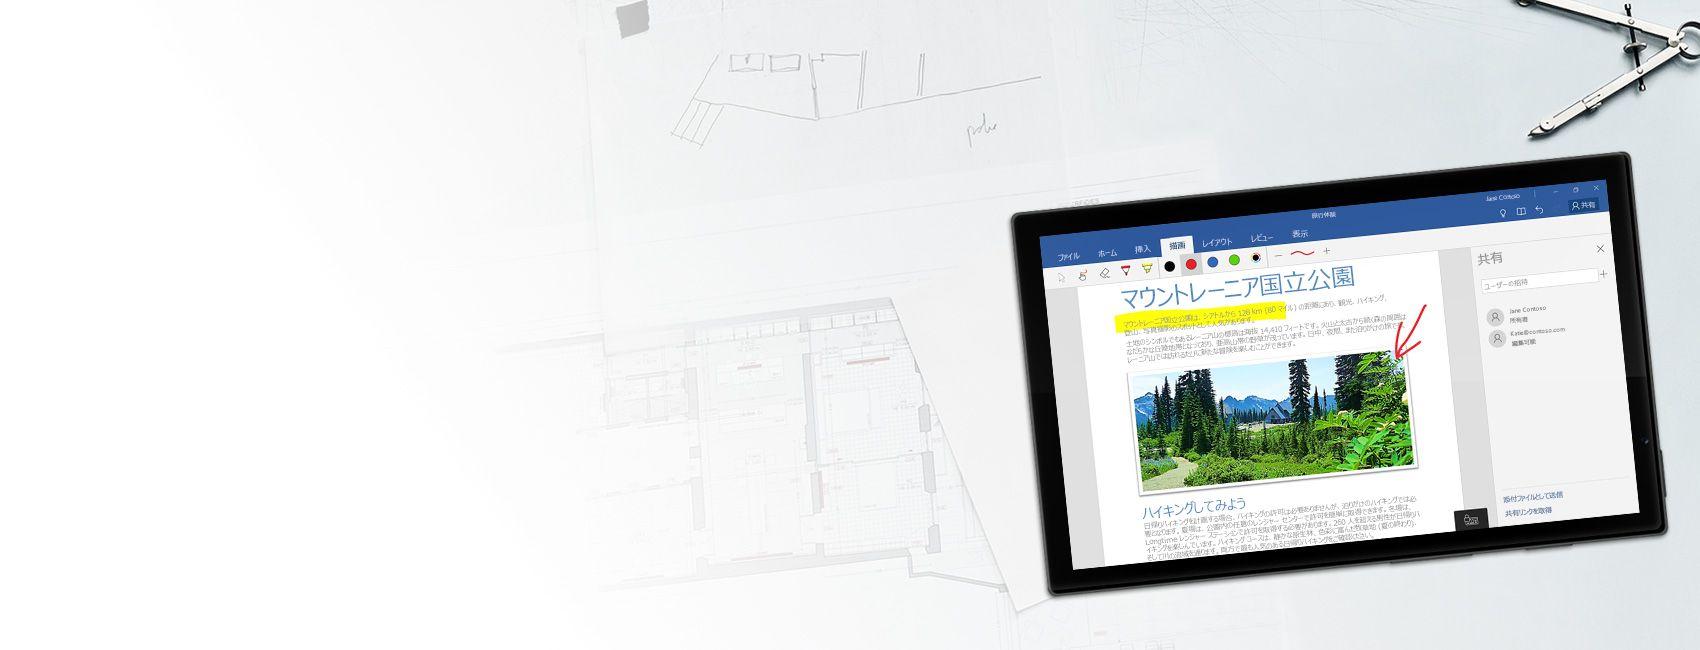 Windows タブレットに、Windows 10 Mobile 向け Word で作成したマウント レーニア国立公園に関する Word 文書が表示されています